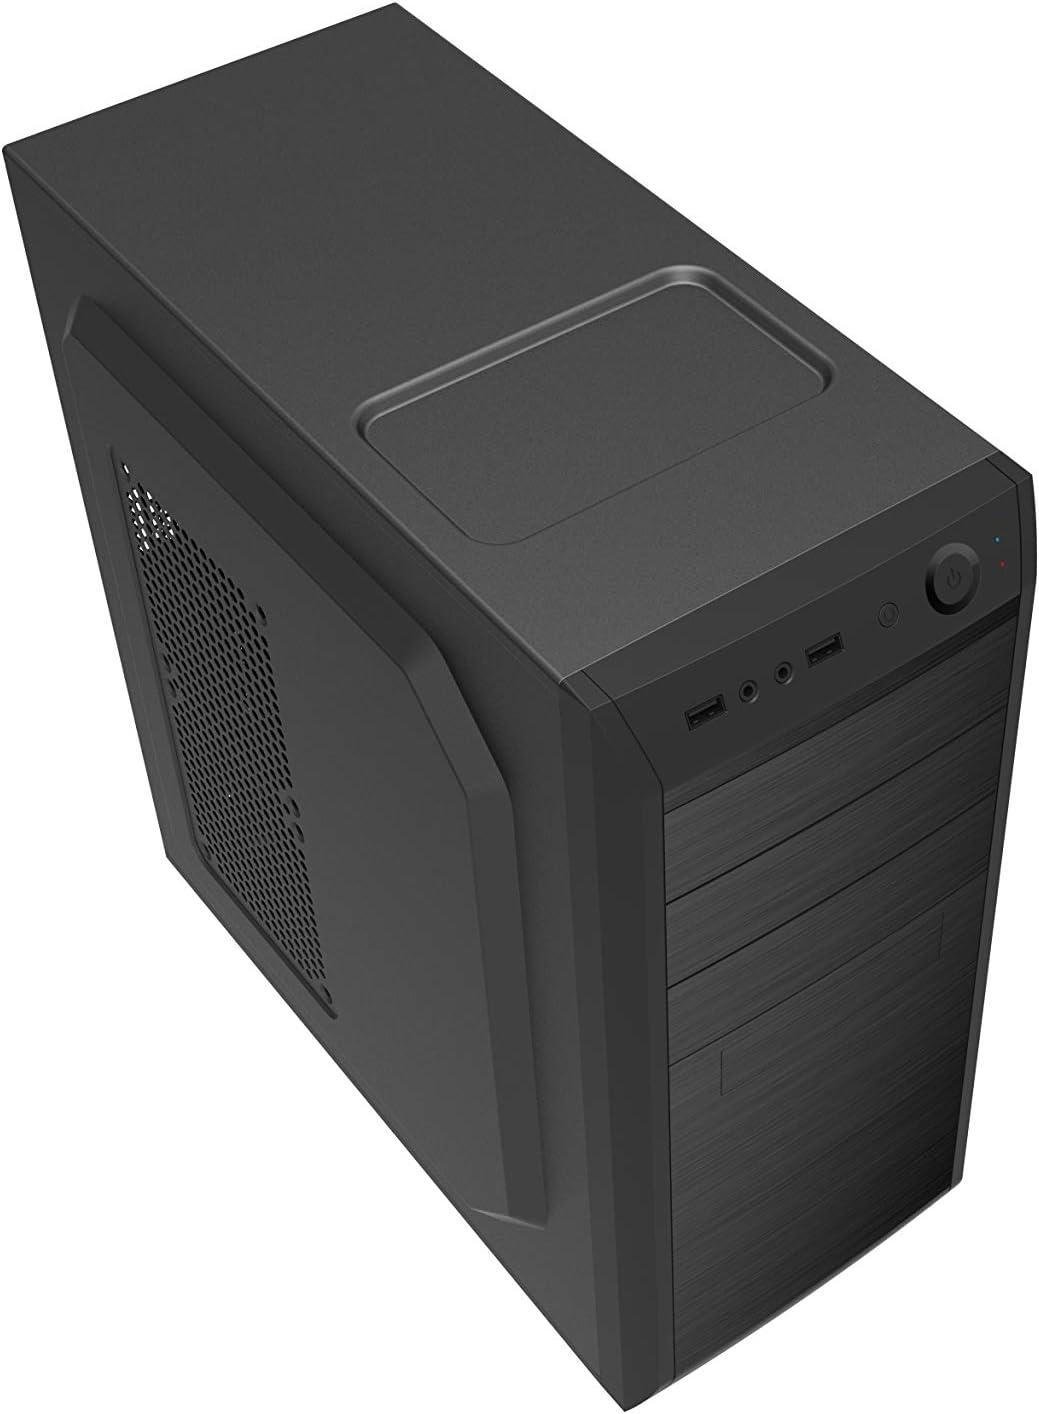 CoolBox F-750 Carcasa de Ordenador Negro - Caja de Ordenador (PC, ATX, Negro, 120 mm, 90,120 mm, 2.5,3.5,5.25